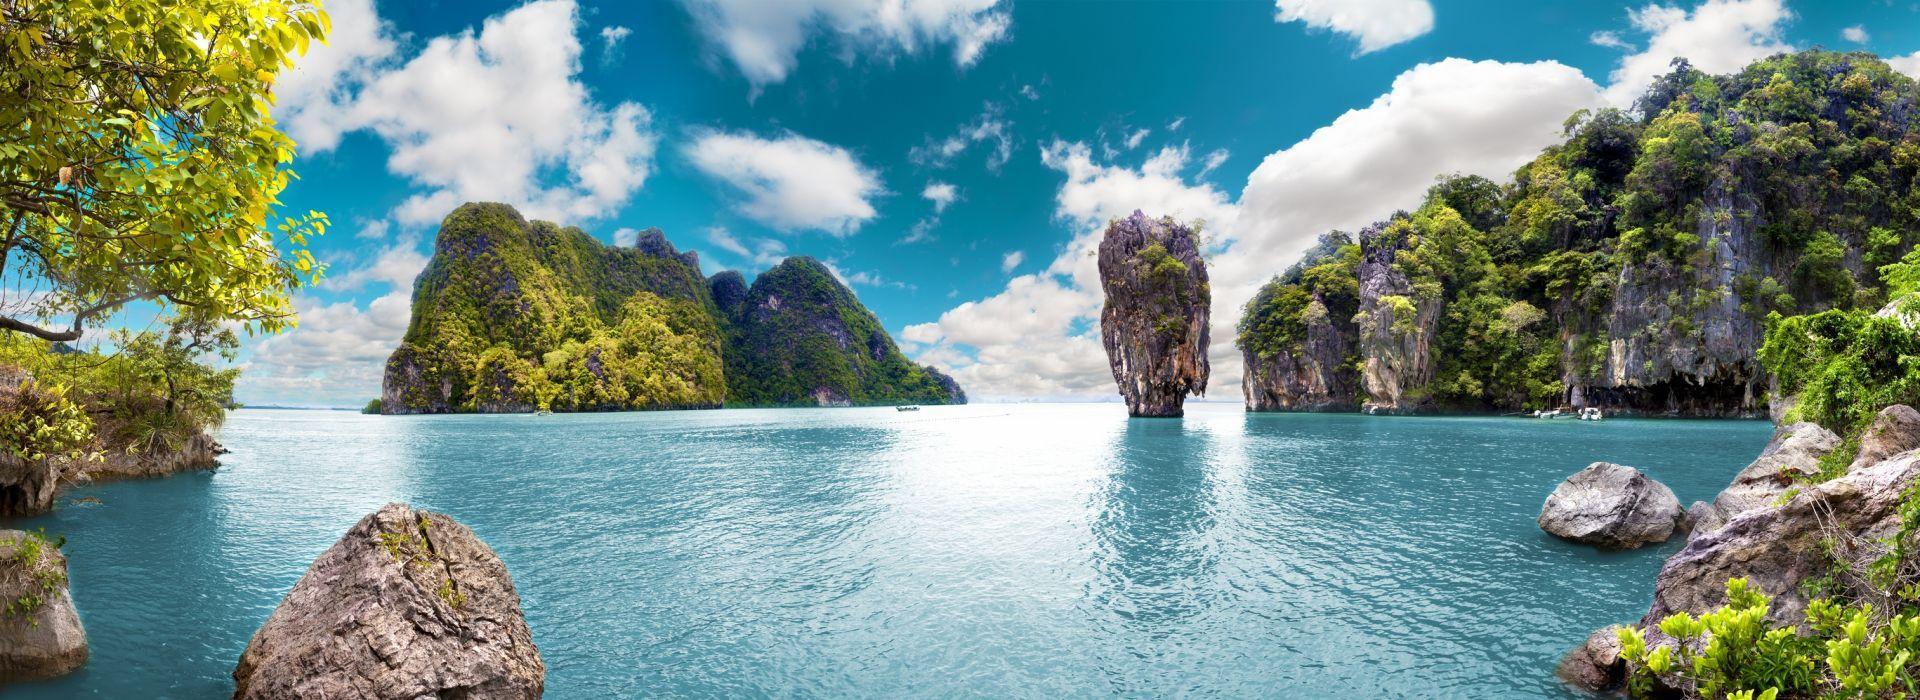 National parks Tours in Koh Phangan